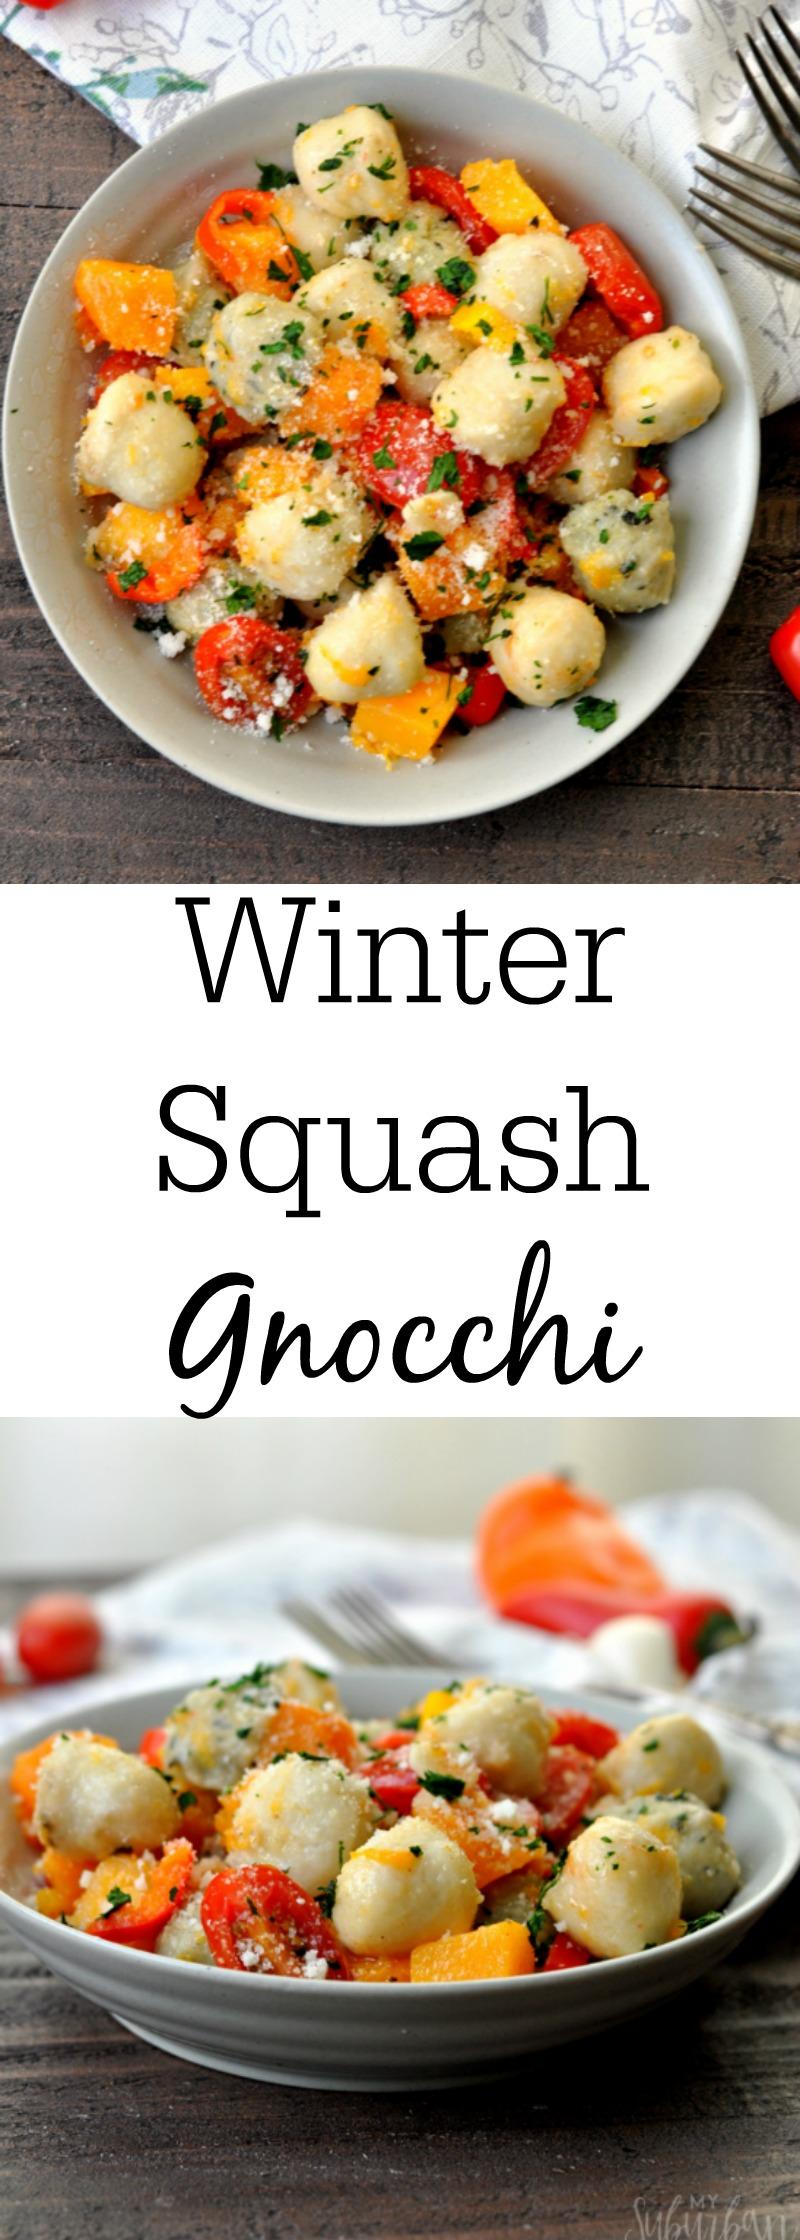 Winter Squash Gnocchi